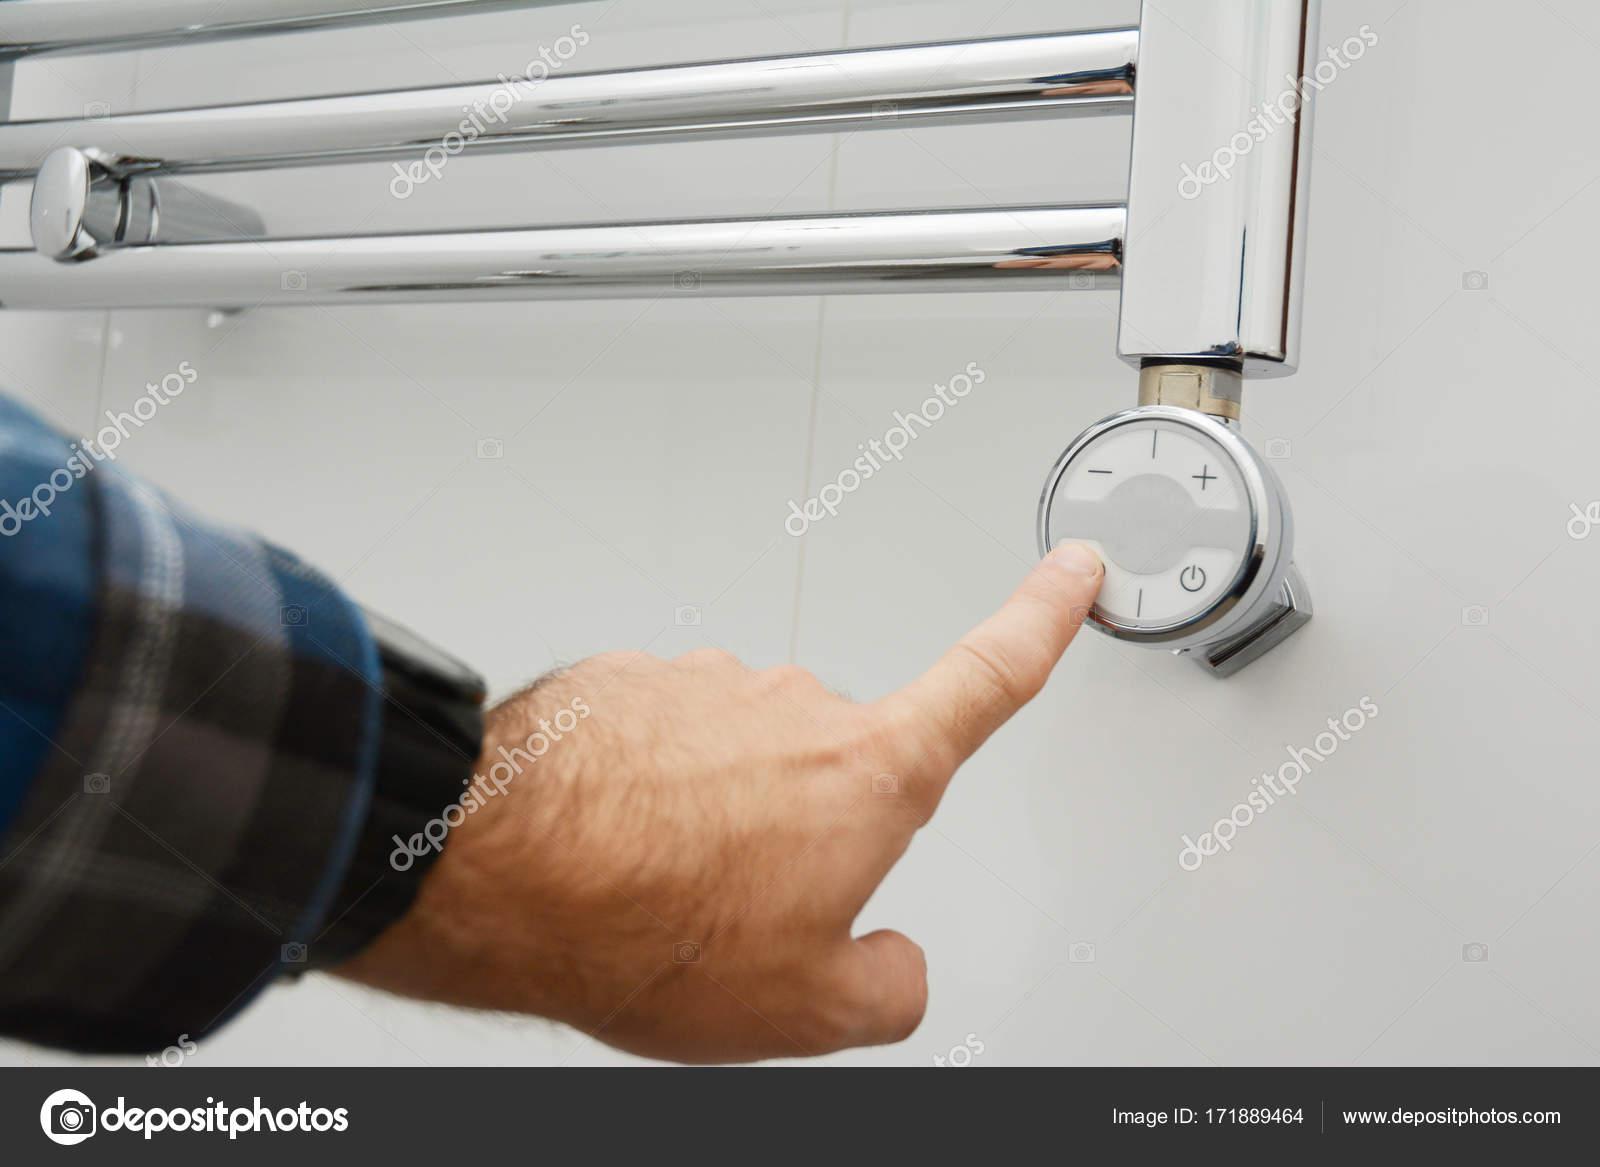 Elektrische Badkamer Verwarming : Man zet elektrische spoor handdoekradiator handdoekradiator